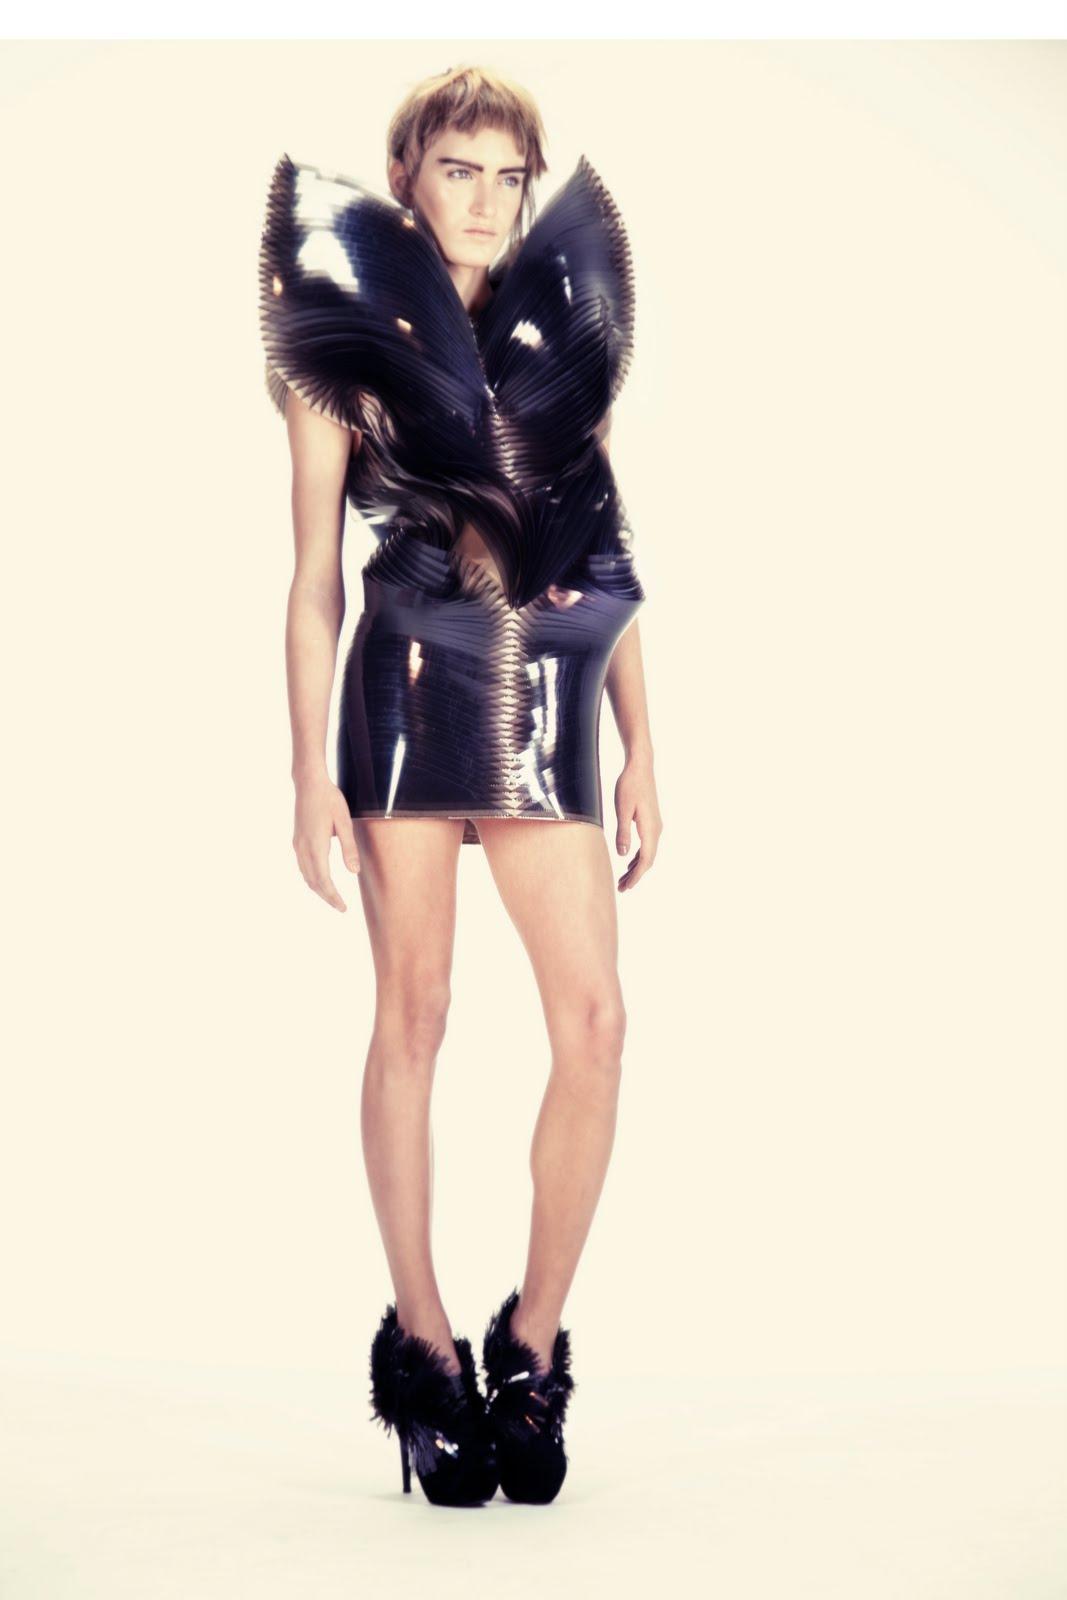 Spice pr iris van herpen guest member chambre syndicale for Chambre syndicale de la haute couture